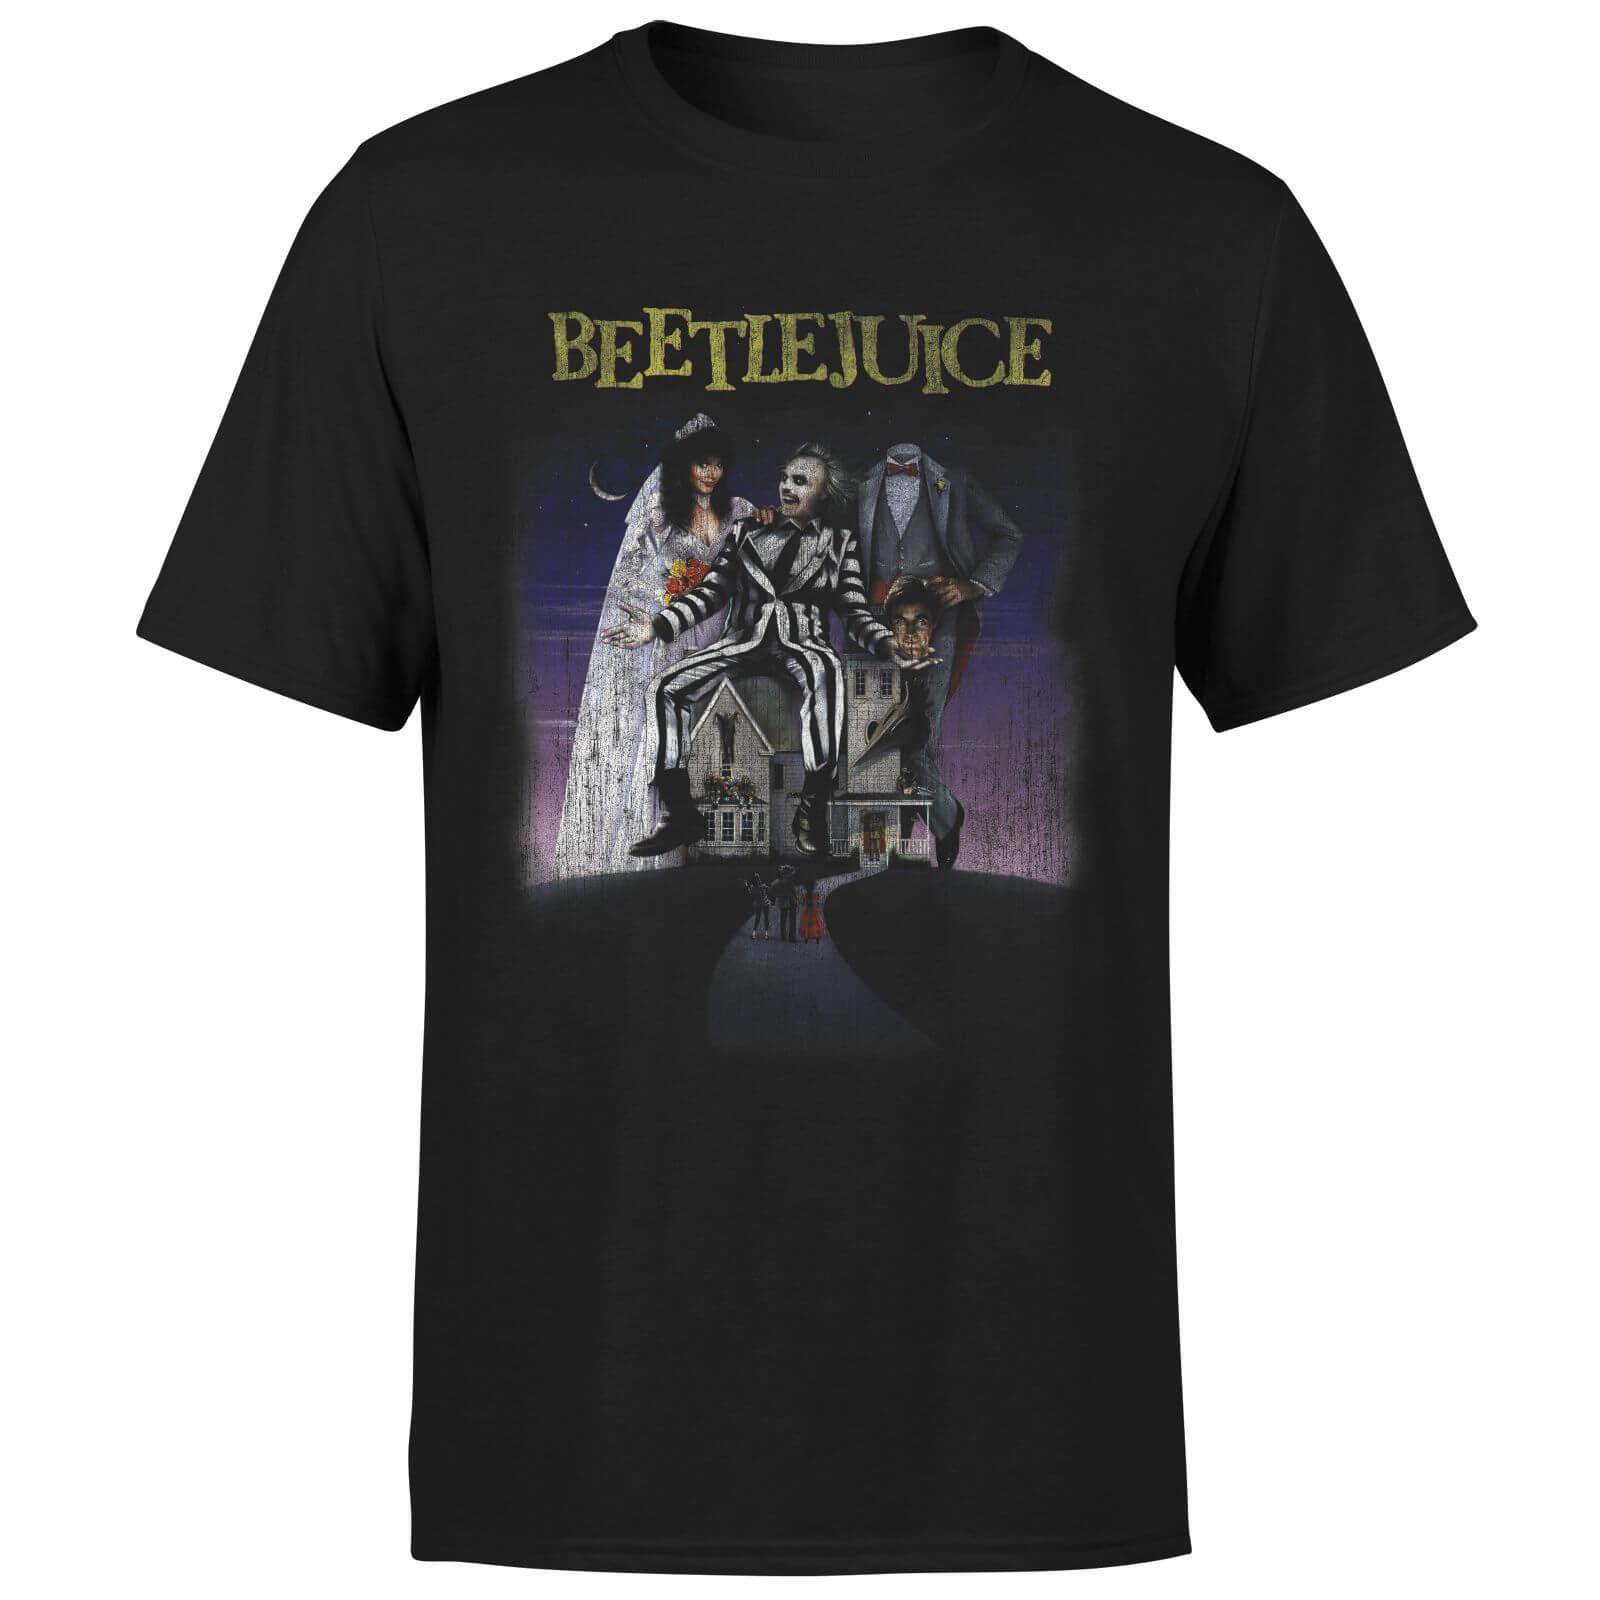 Beetlejuice T-Shirt Homme Affiche Abîmée Beetlejuice - Noir - XL - Noir